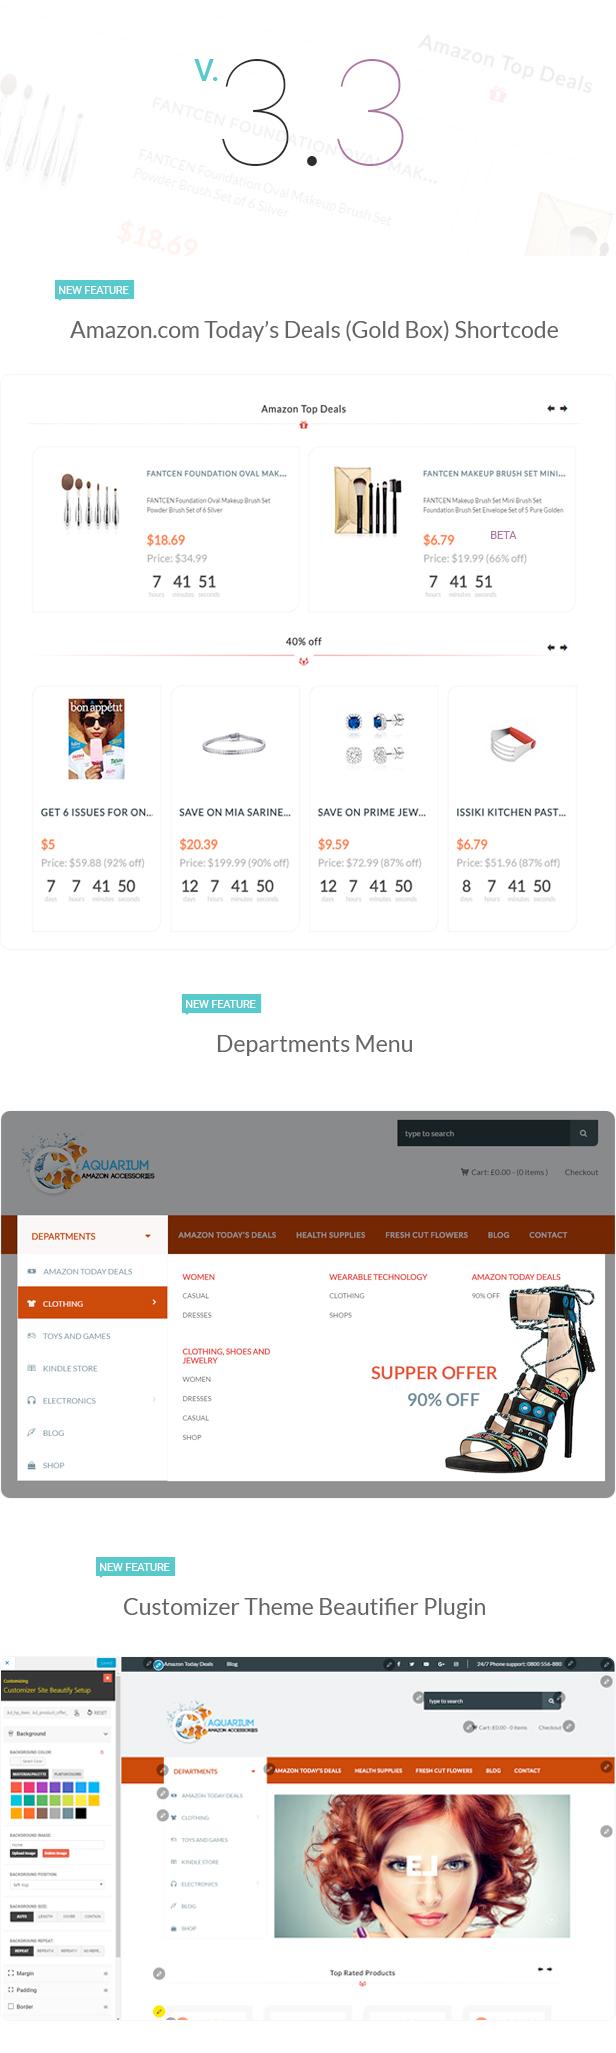 Kingdom - WooCommerce Amazon Affiliates Theme - 7